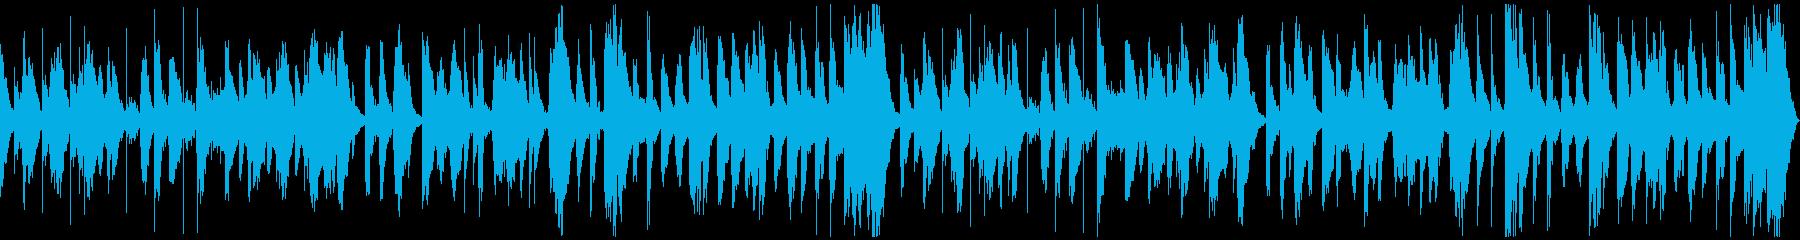 アニメ風コミカル、のほほんとしたBGMの再生済みの波形